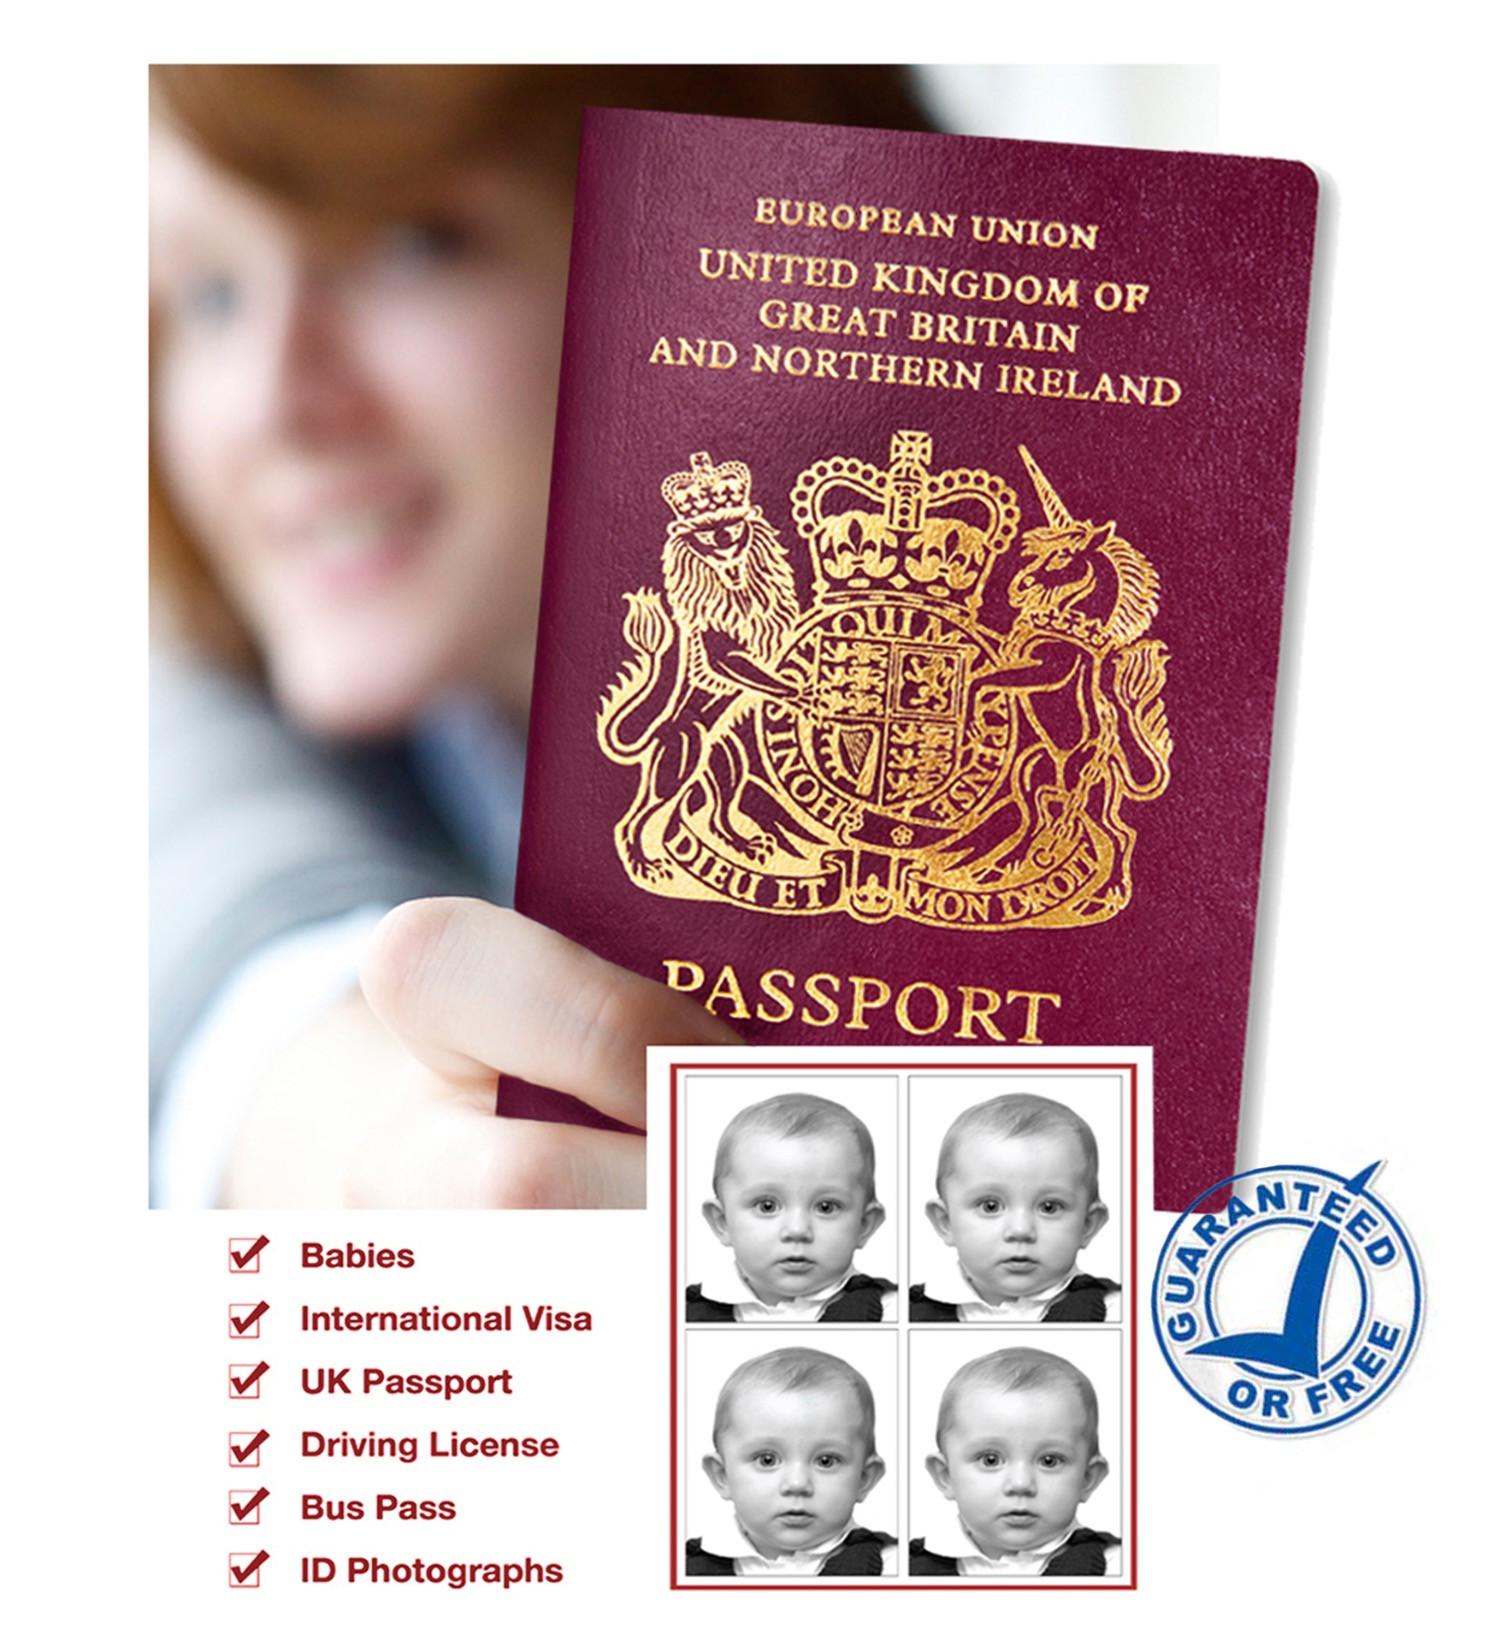 Passport / ID Photo